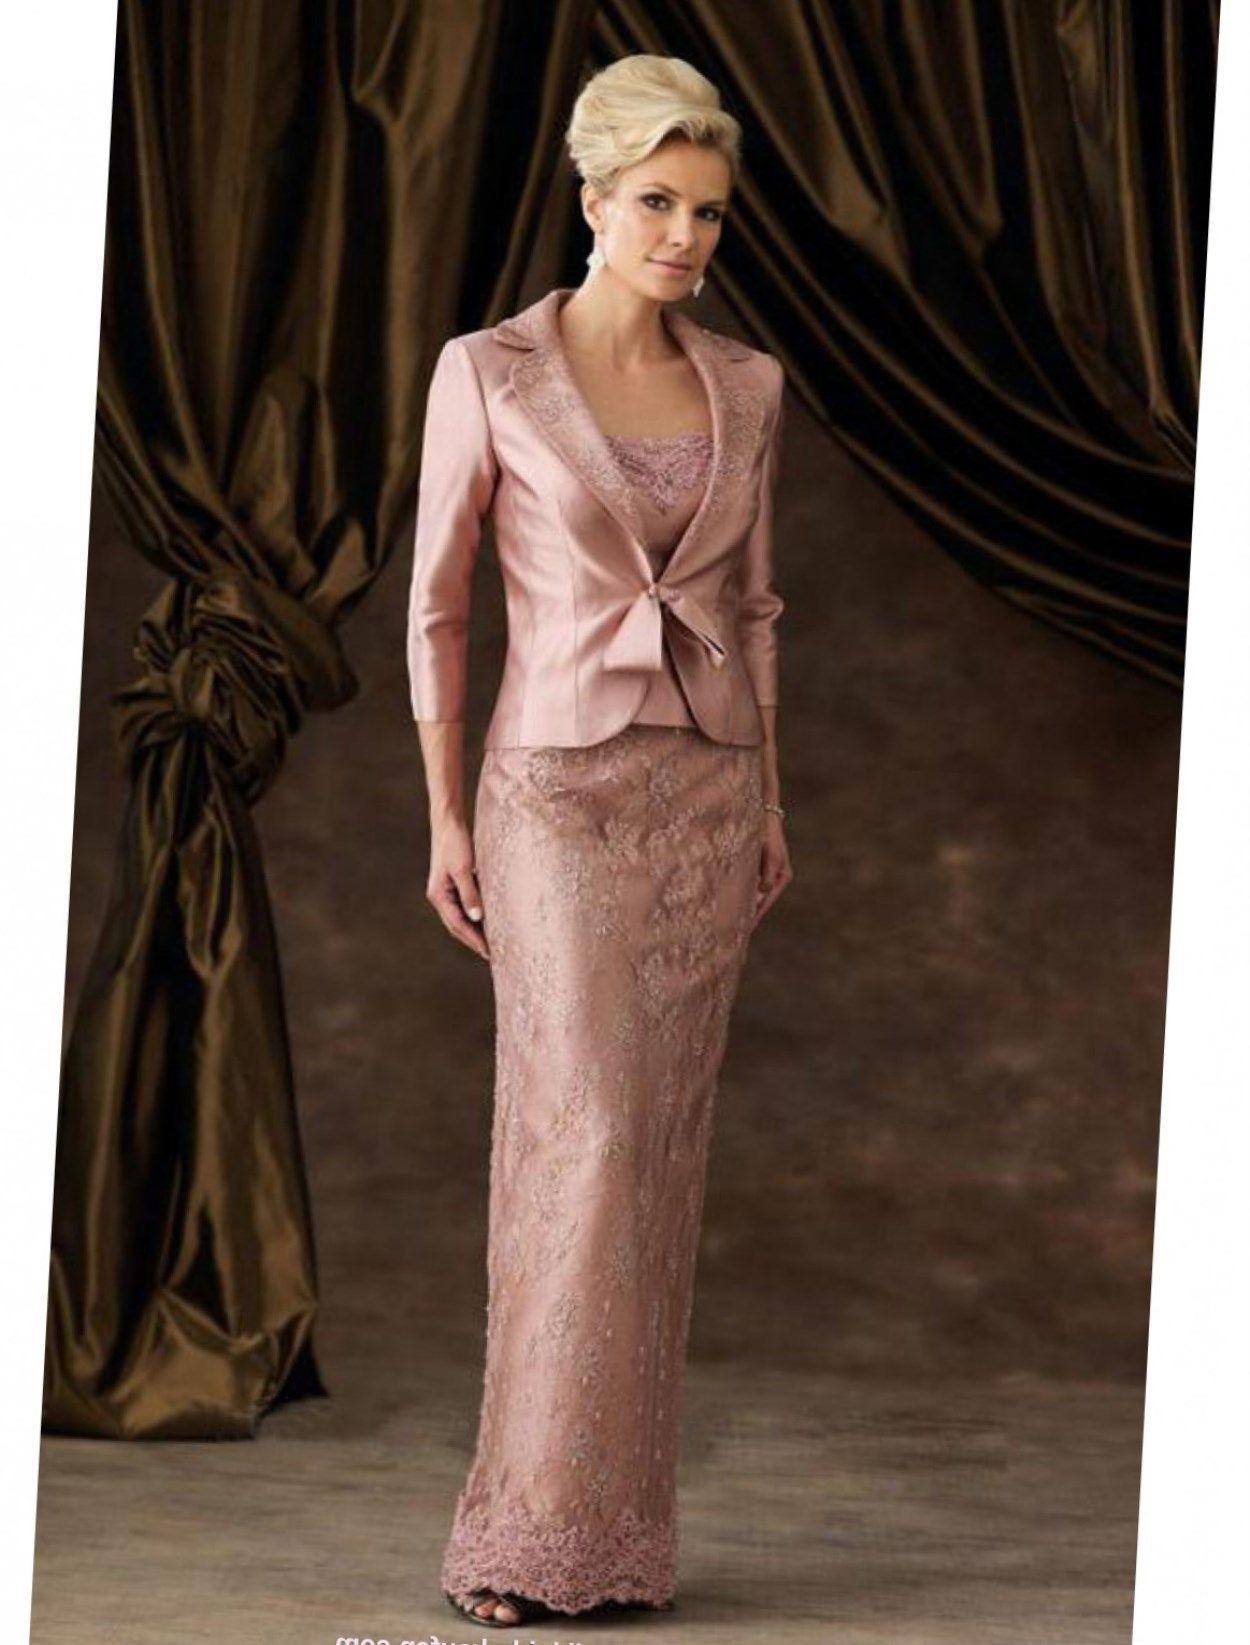 10 Einfach Abendkleider Für Ältere Frauen VertriebDesigner Erstaunlich Abendkleider Für Ältere Frauen Vertrieb